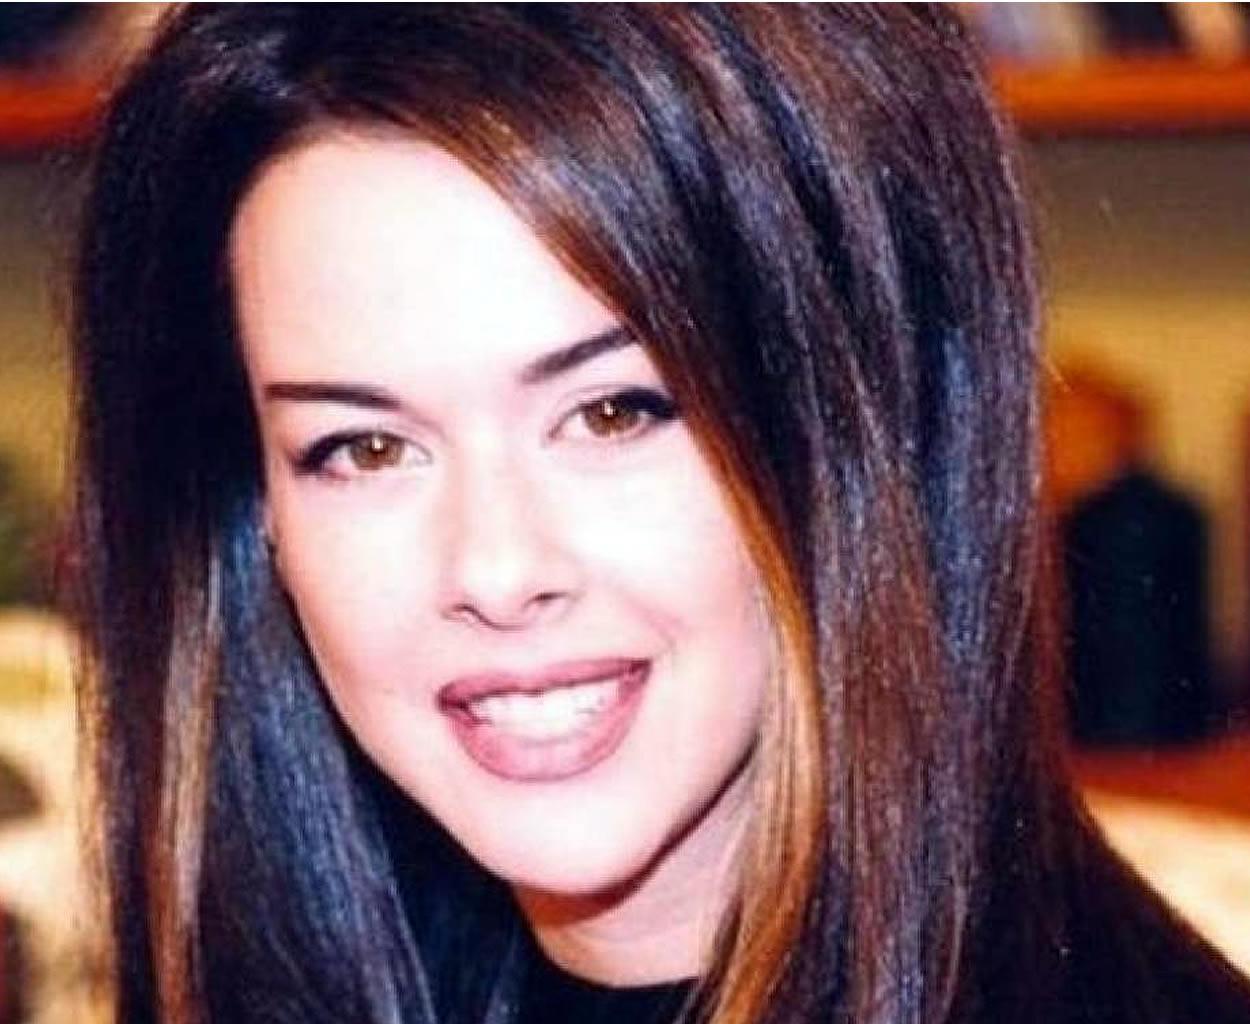 Ίνα Λαζοπούλου, Ίνα Λαζοπούλου μοντέλο, Ίνα Λαζοπούλου PETA, Ίνα Λαζοπούλου τραγουδίστρια